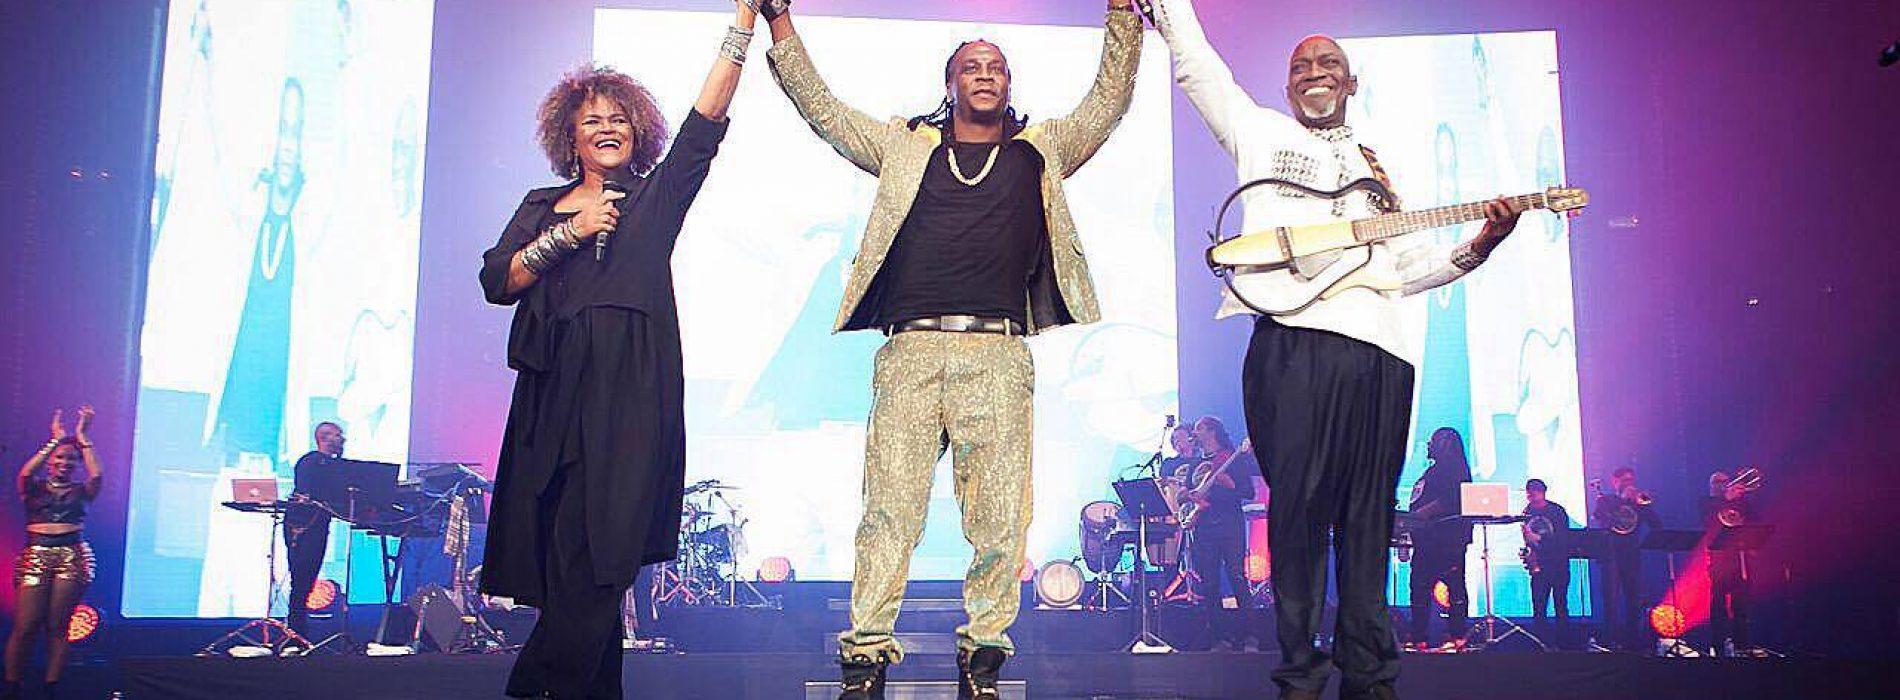 Le 15 avril le chanteur guadeloupéen ADMIRAL T a brulé Bercy . Découvre son clip -«Marchands de sable»- Avril 2017